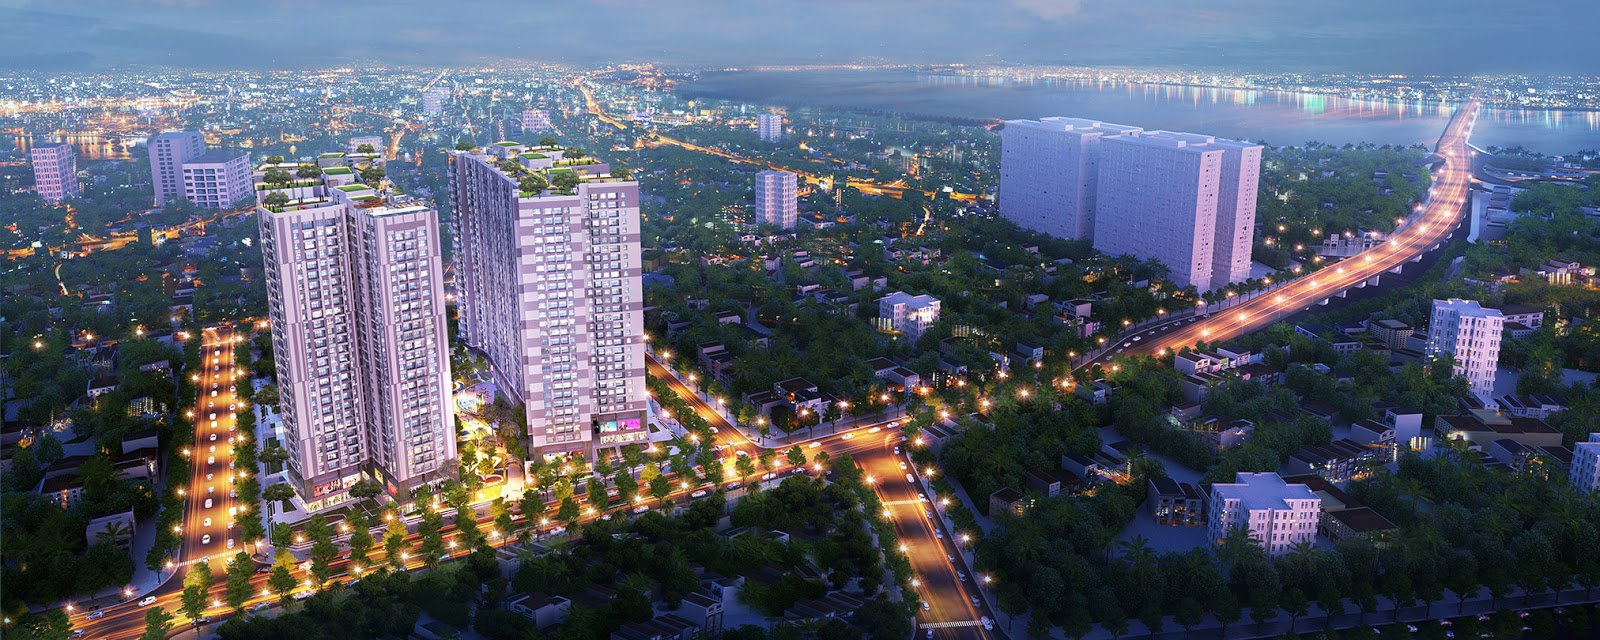 Phối cảnh dự án chung cư Imperia Sky Garden 423 Minh Khai